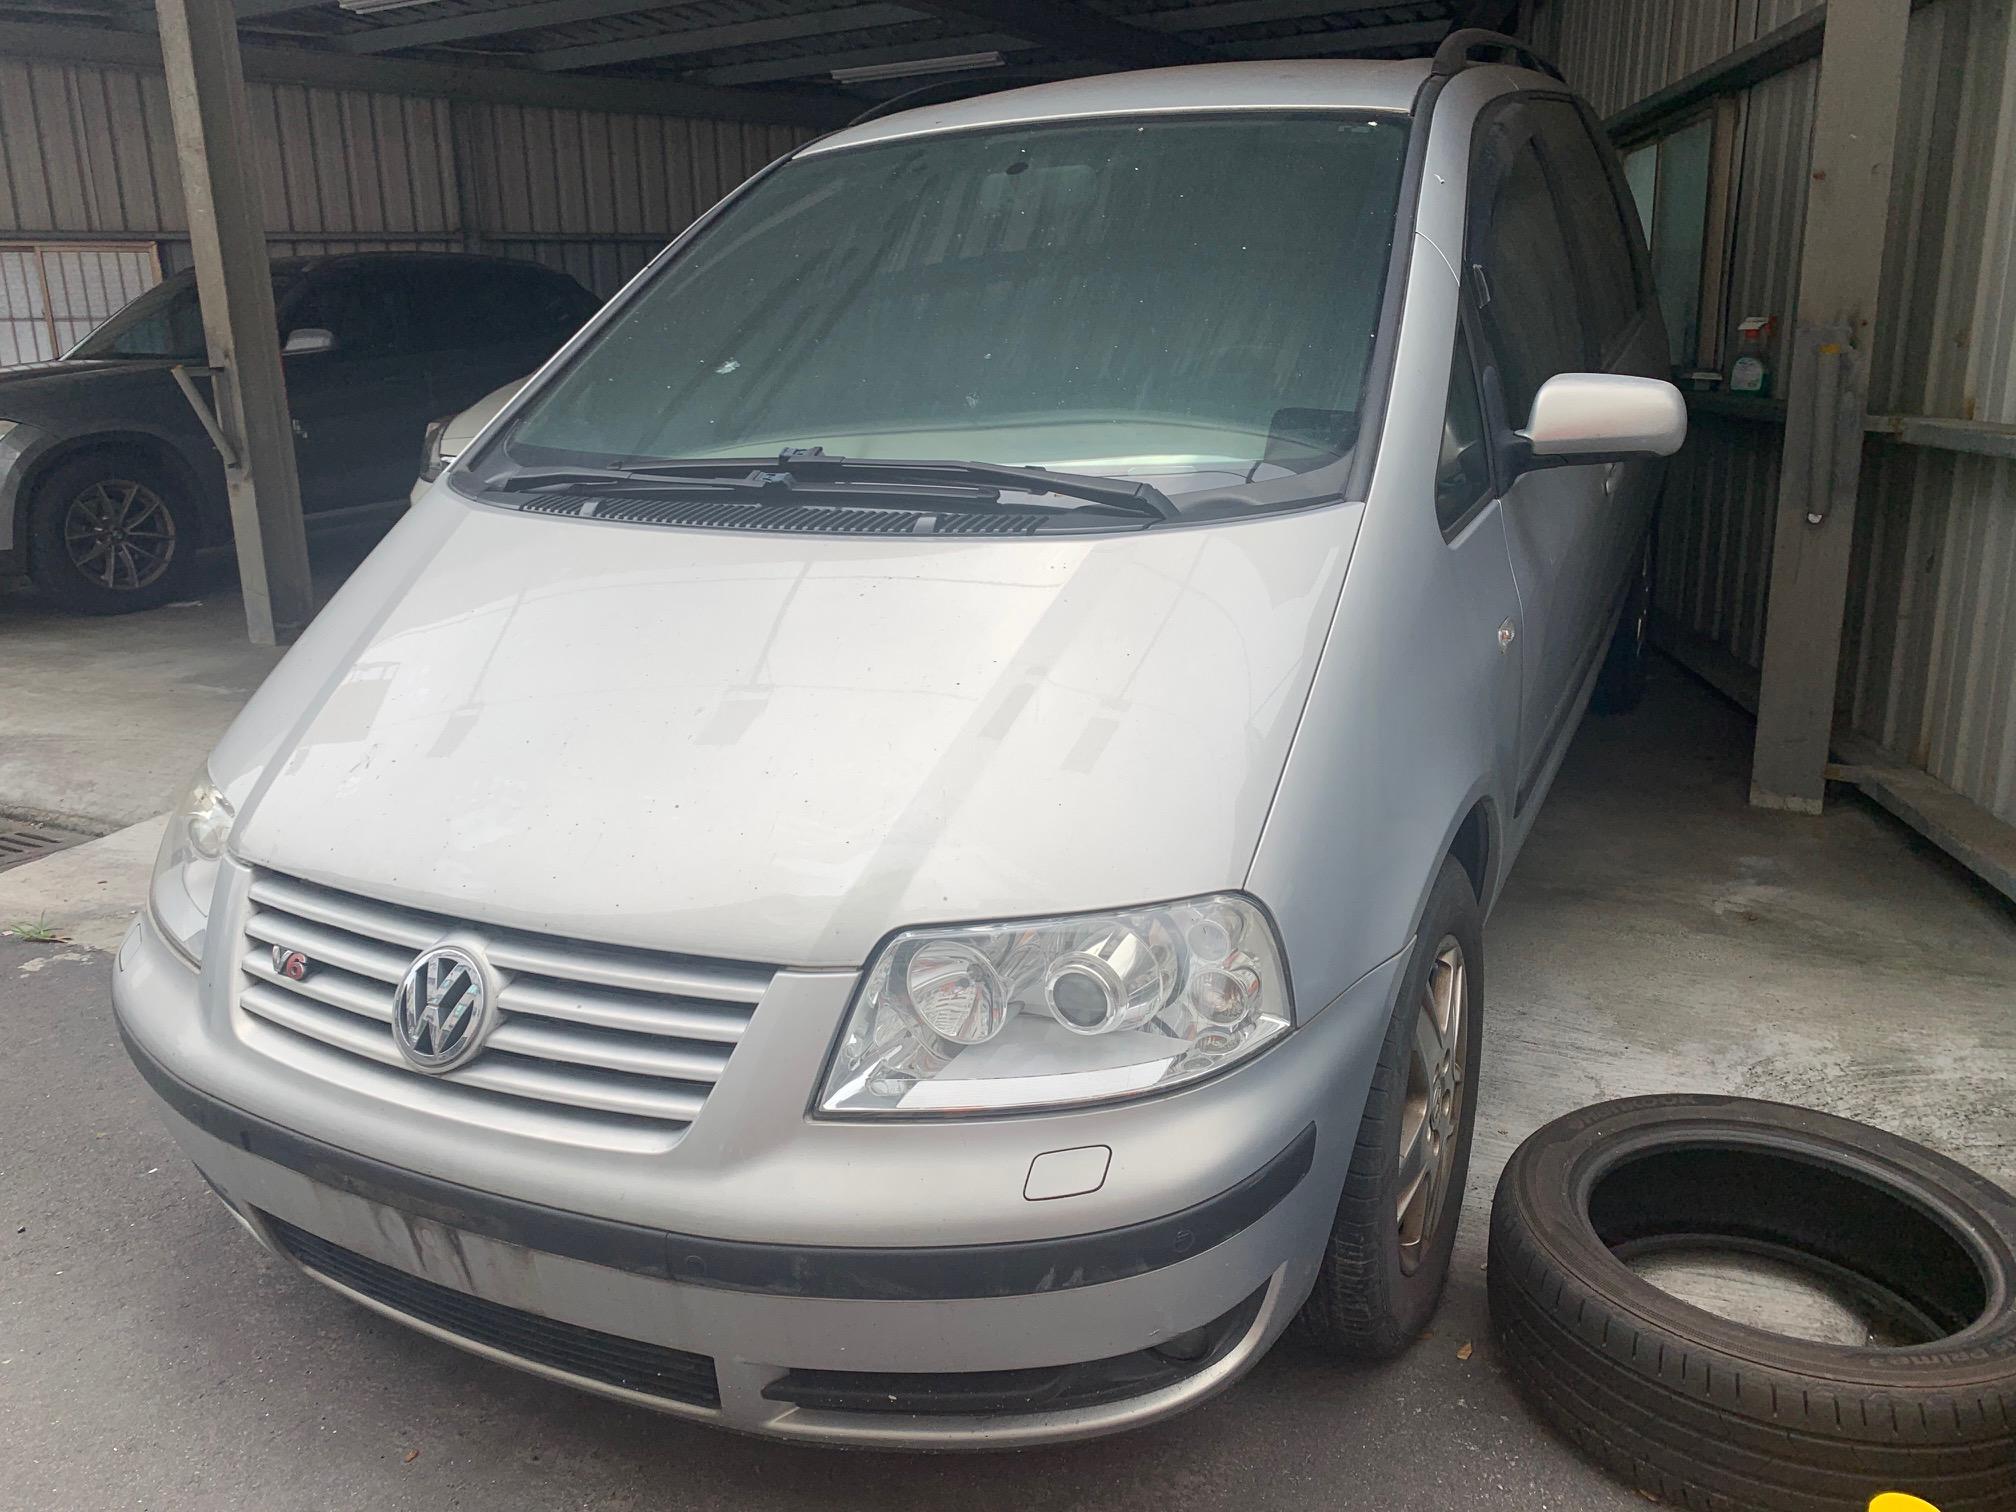 2003 Volkswagen 福斯 Sharan